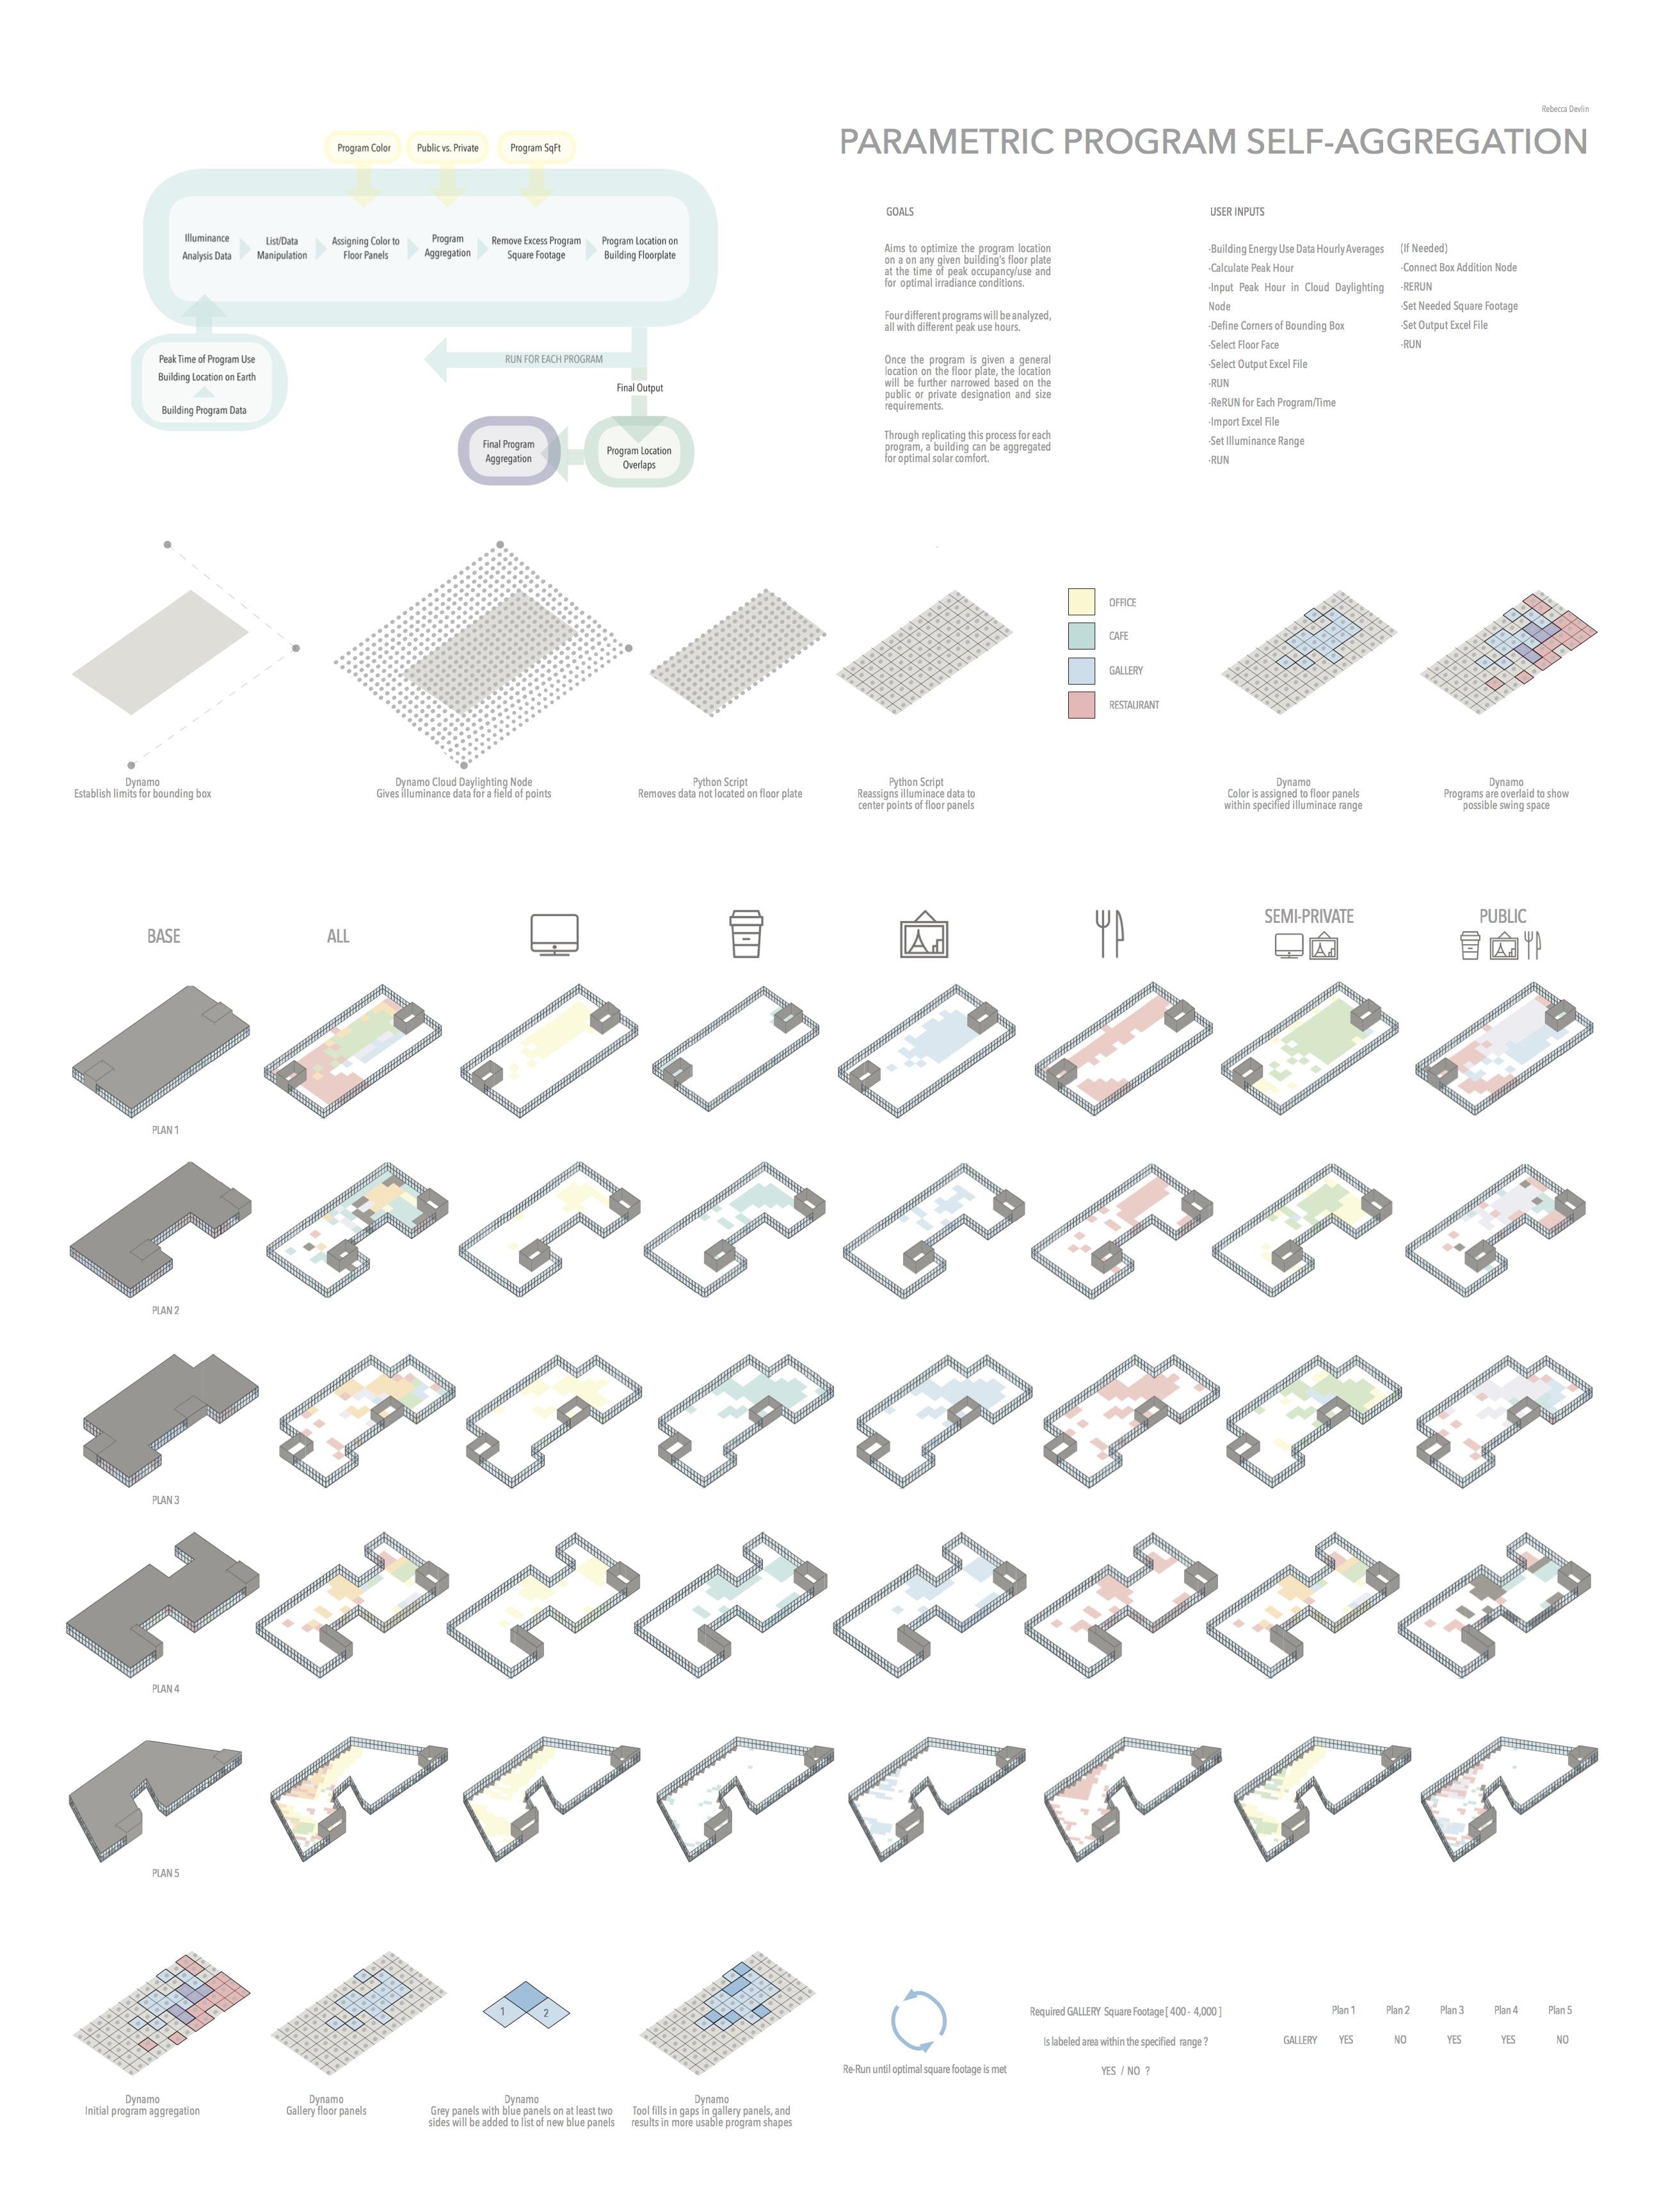 Multivariate Schematic Design Tooling | Design Computation Dual ...